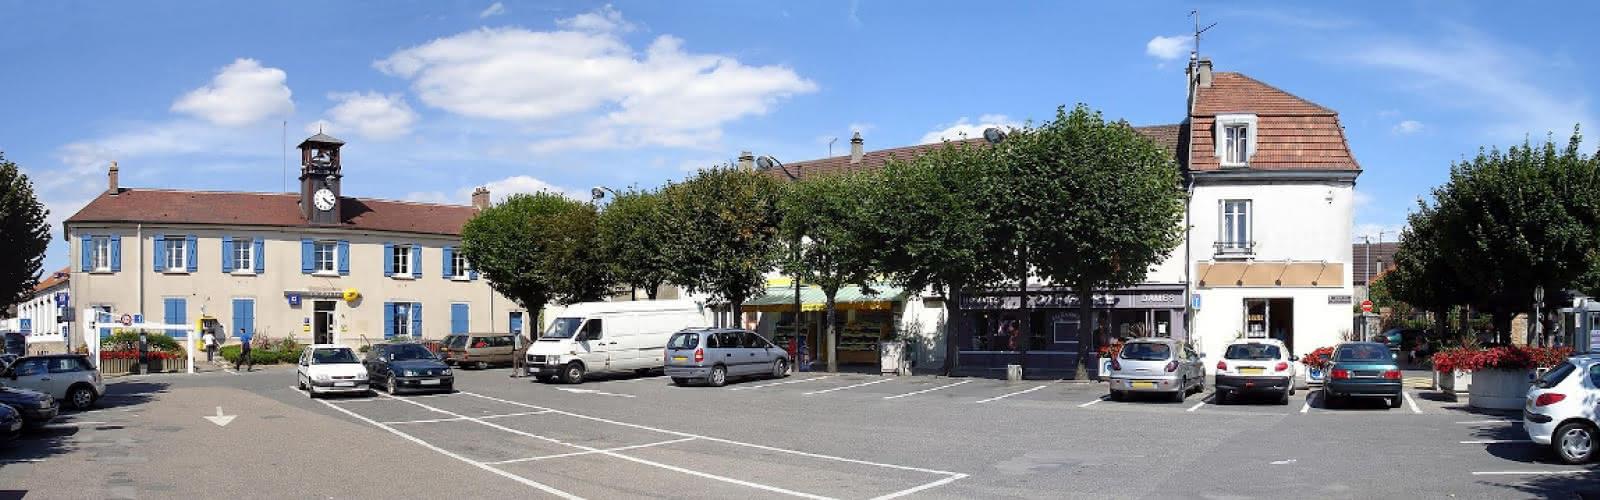 Place du Pays de France